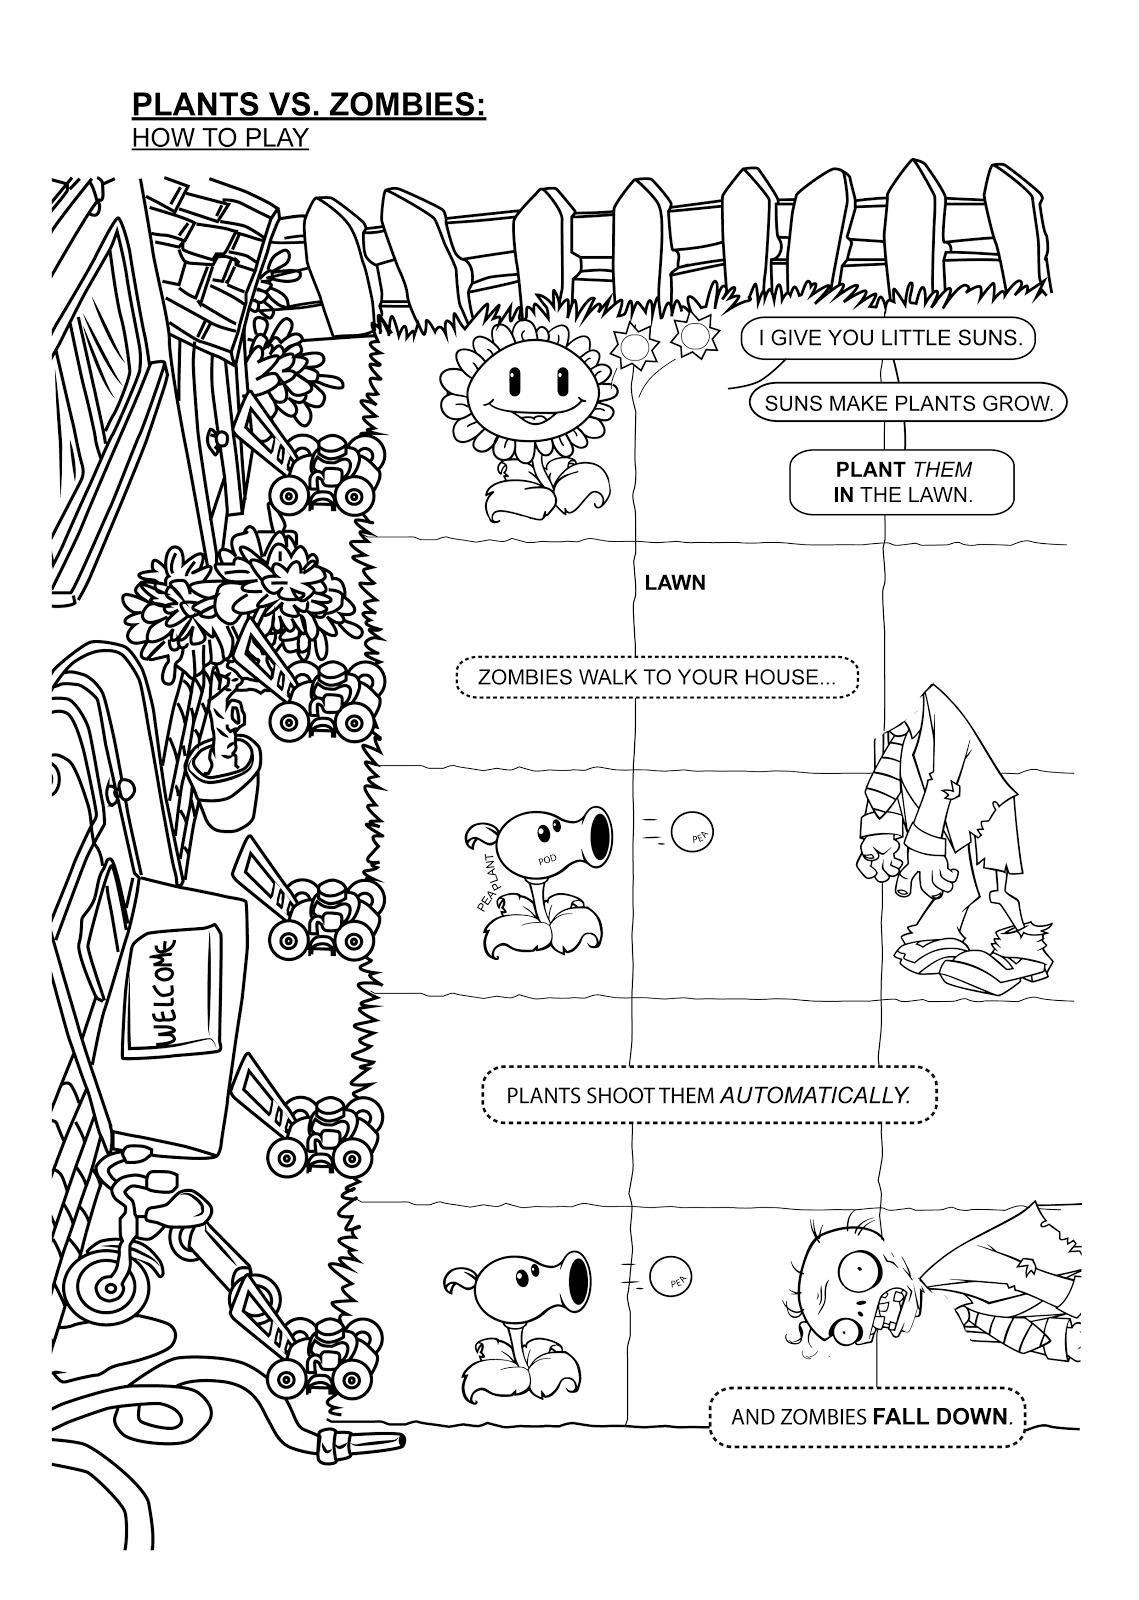 plants vs zombies 2 coloring pages - plant vs zombies squash coloring pages imagui